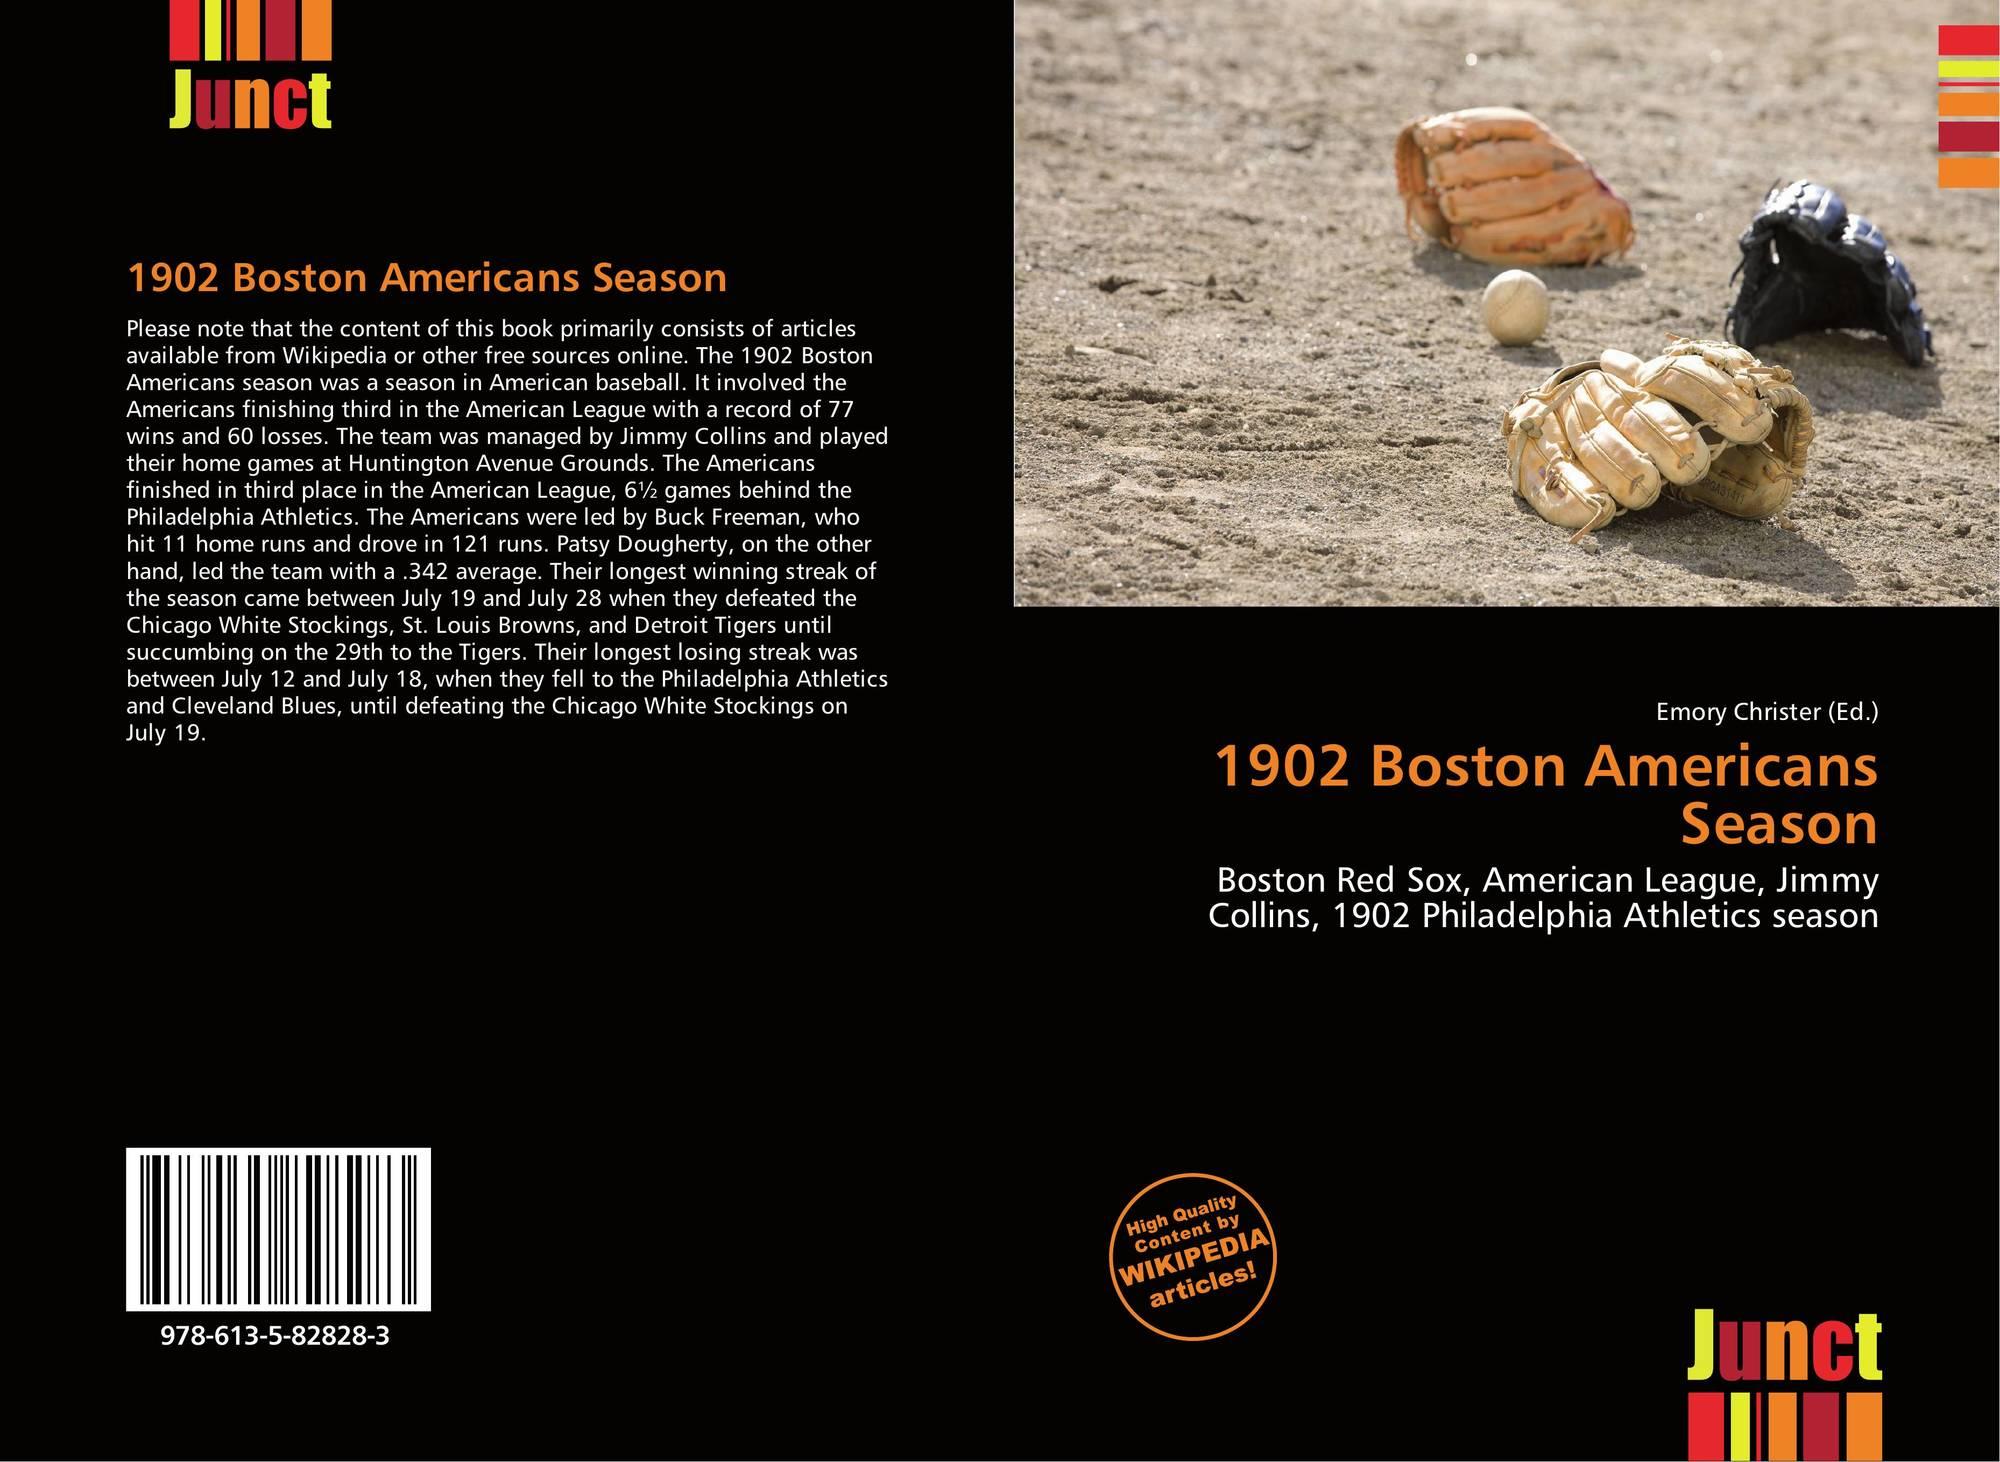 bc52ede86fe Bookcover of 1902 Boston Americans Season